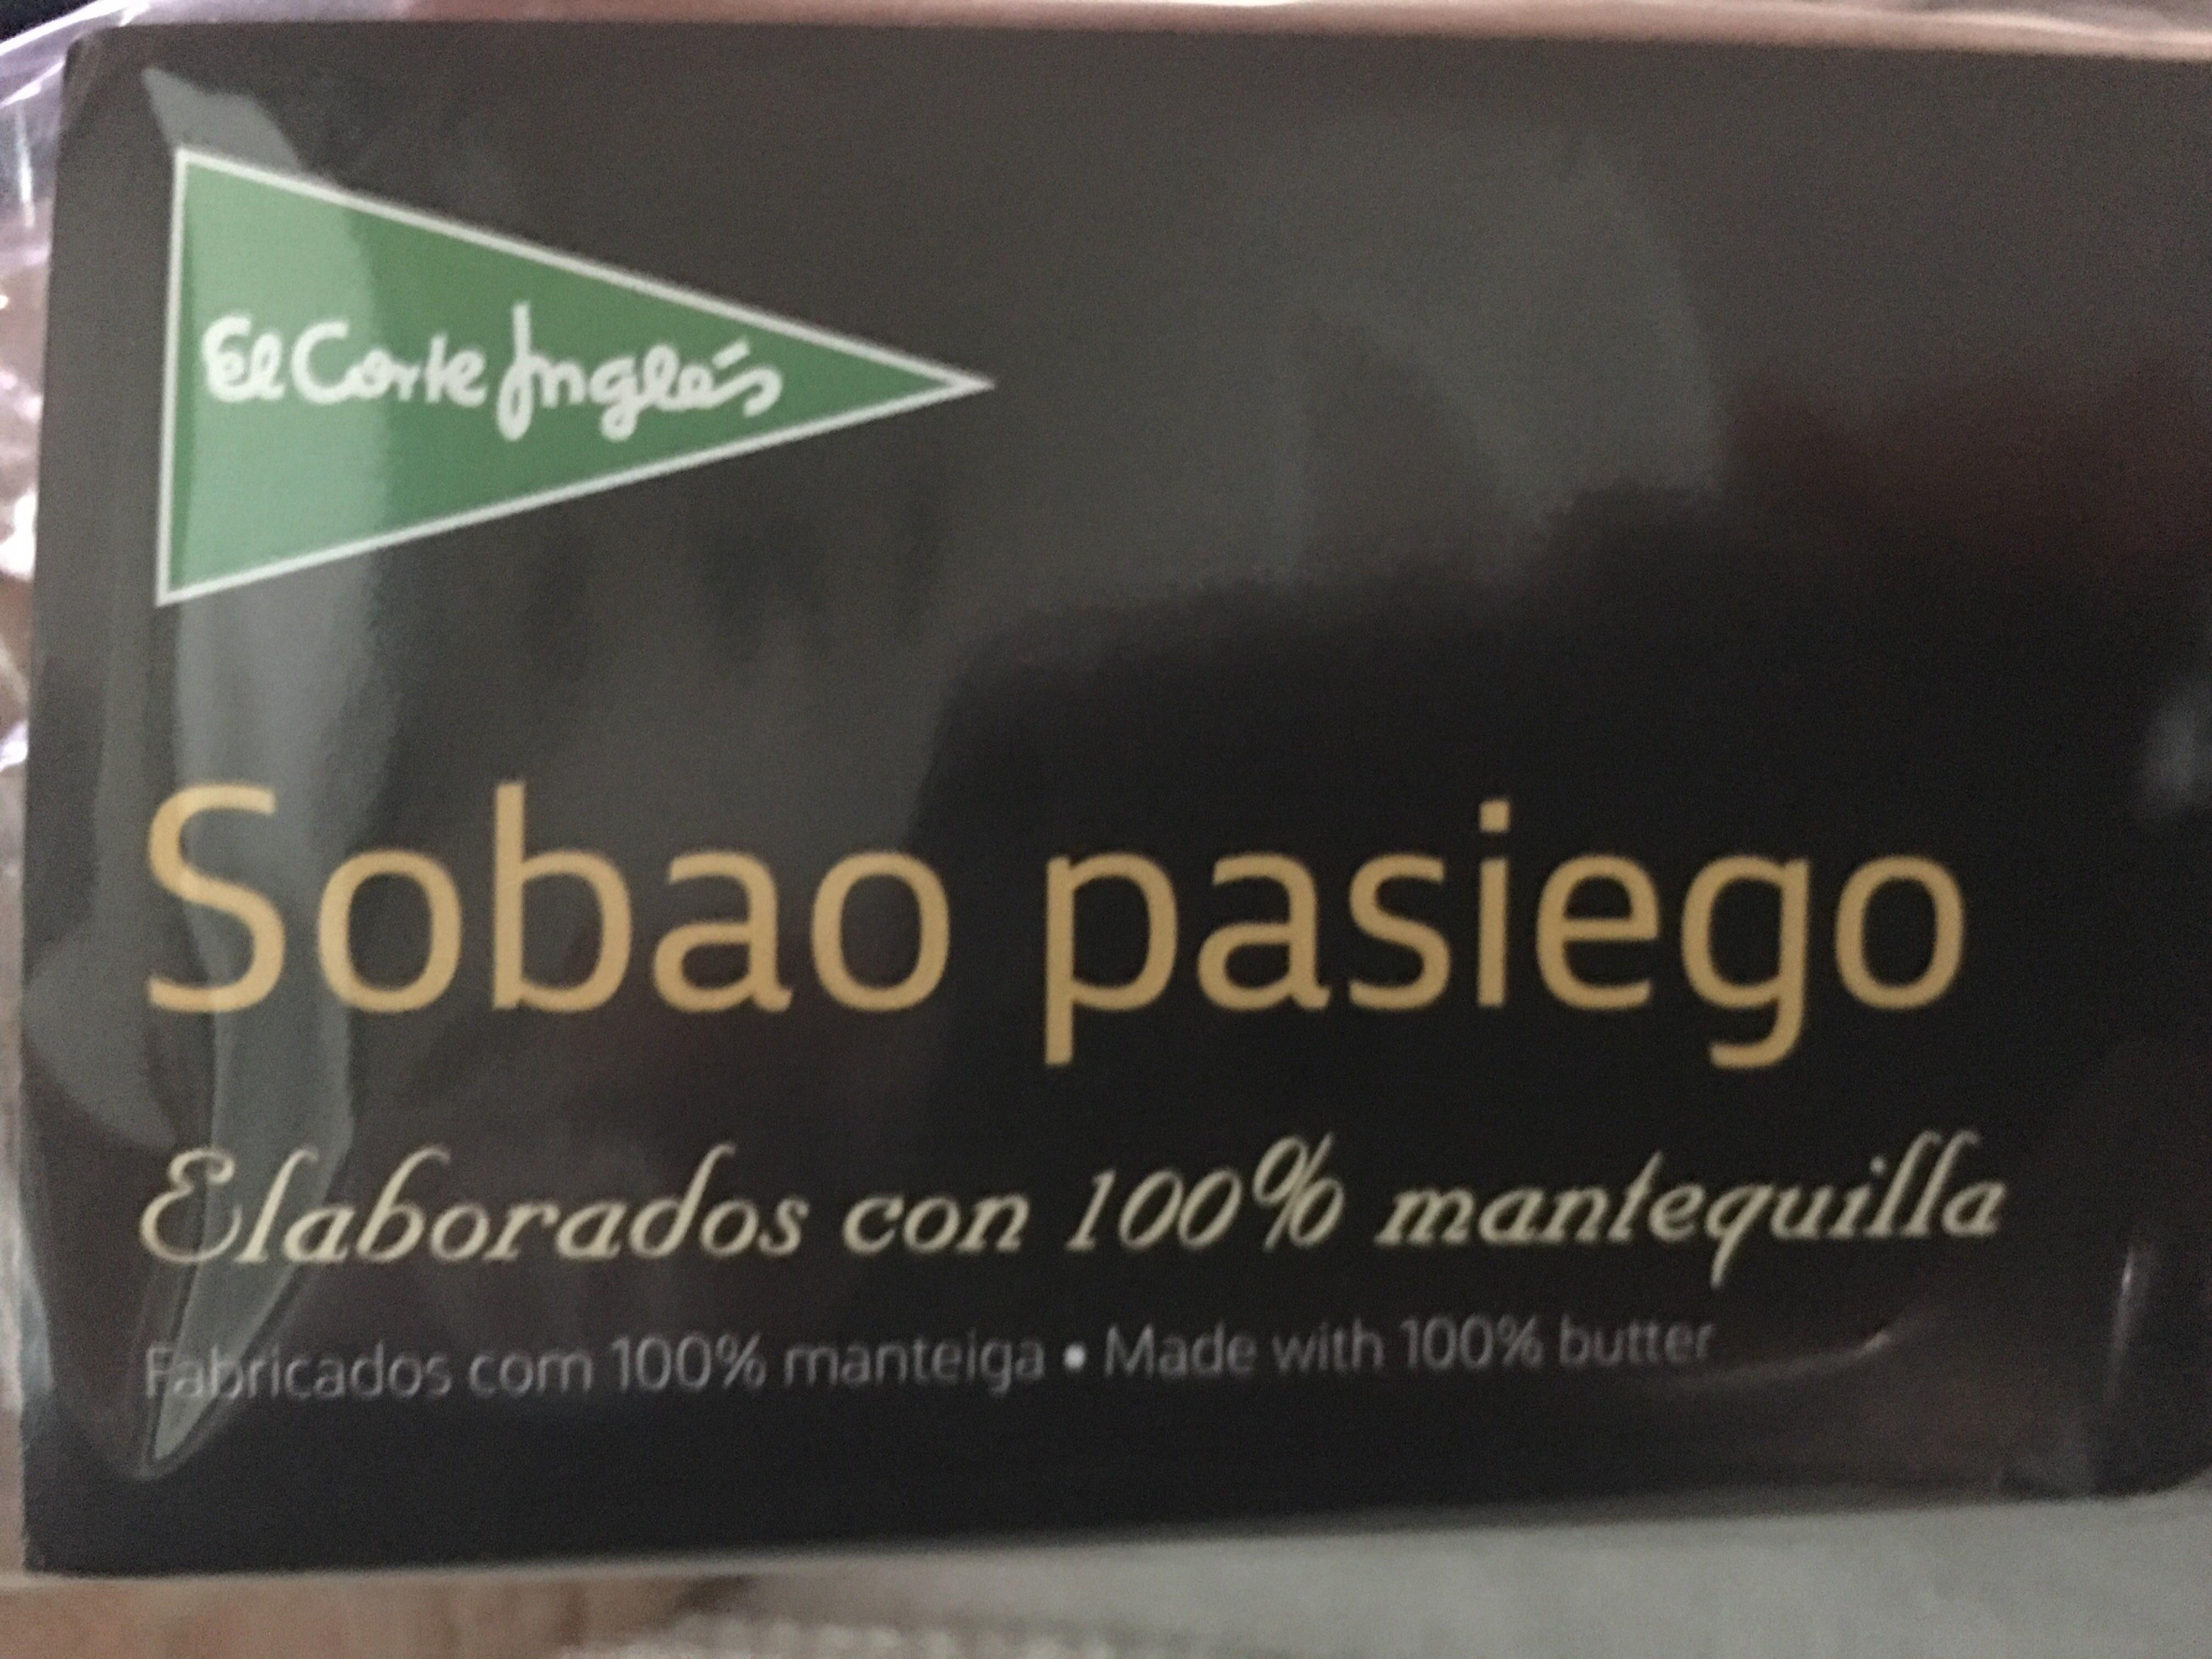 Sobaos pasiegos elaborados con mantequilla i.g.p. - Product - es